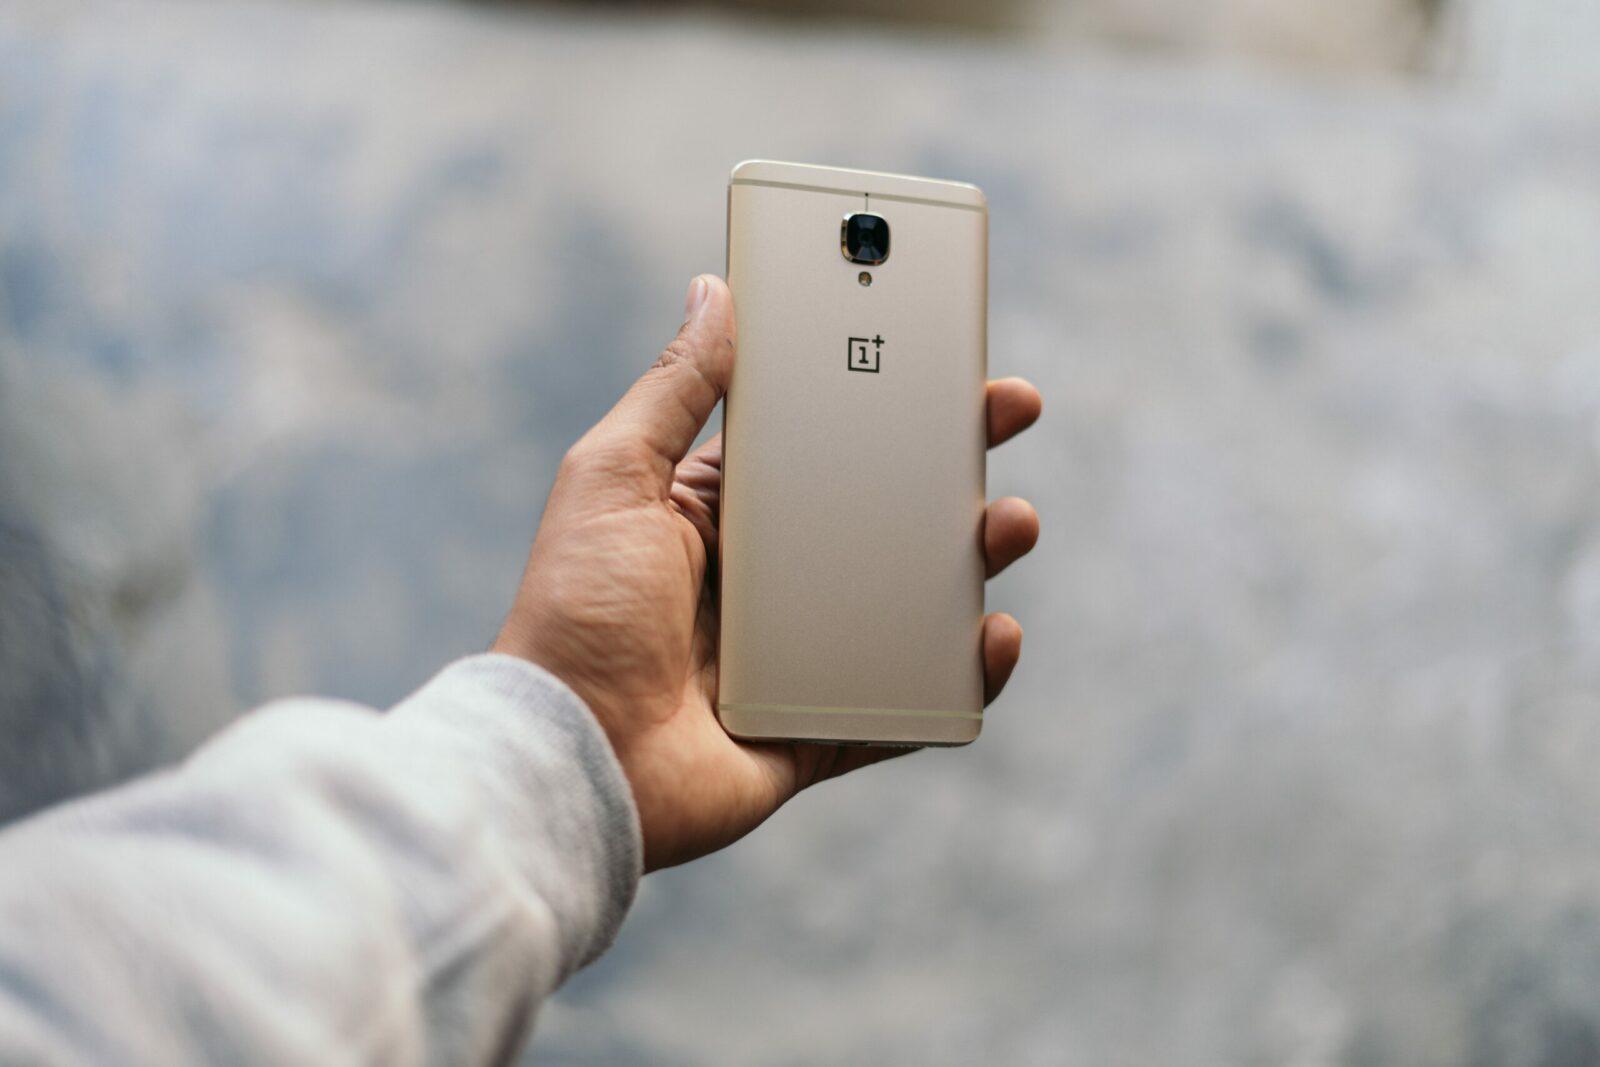 Alla scoperta dei vantaggiosi servizi OnePlus thumbnail